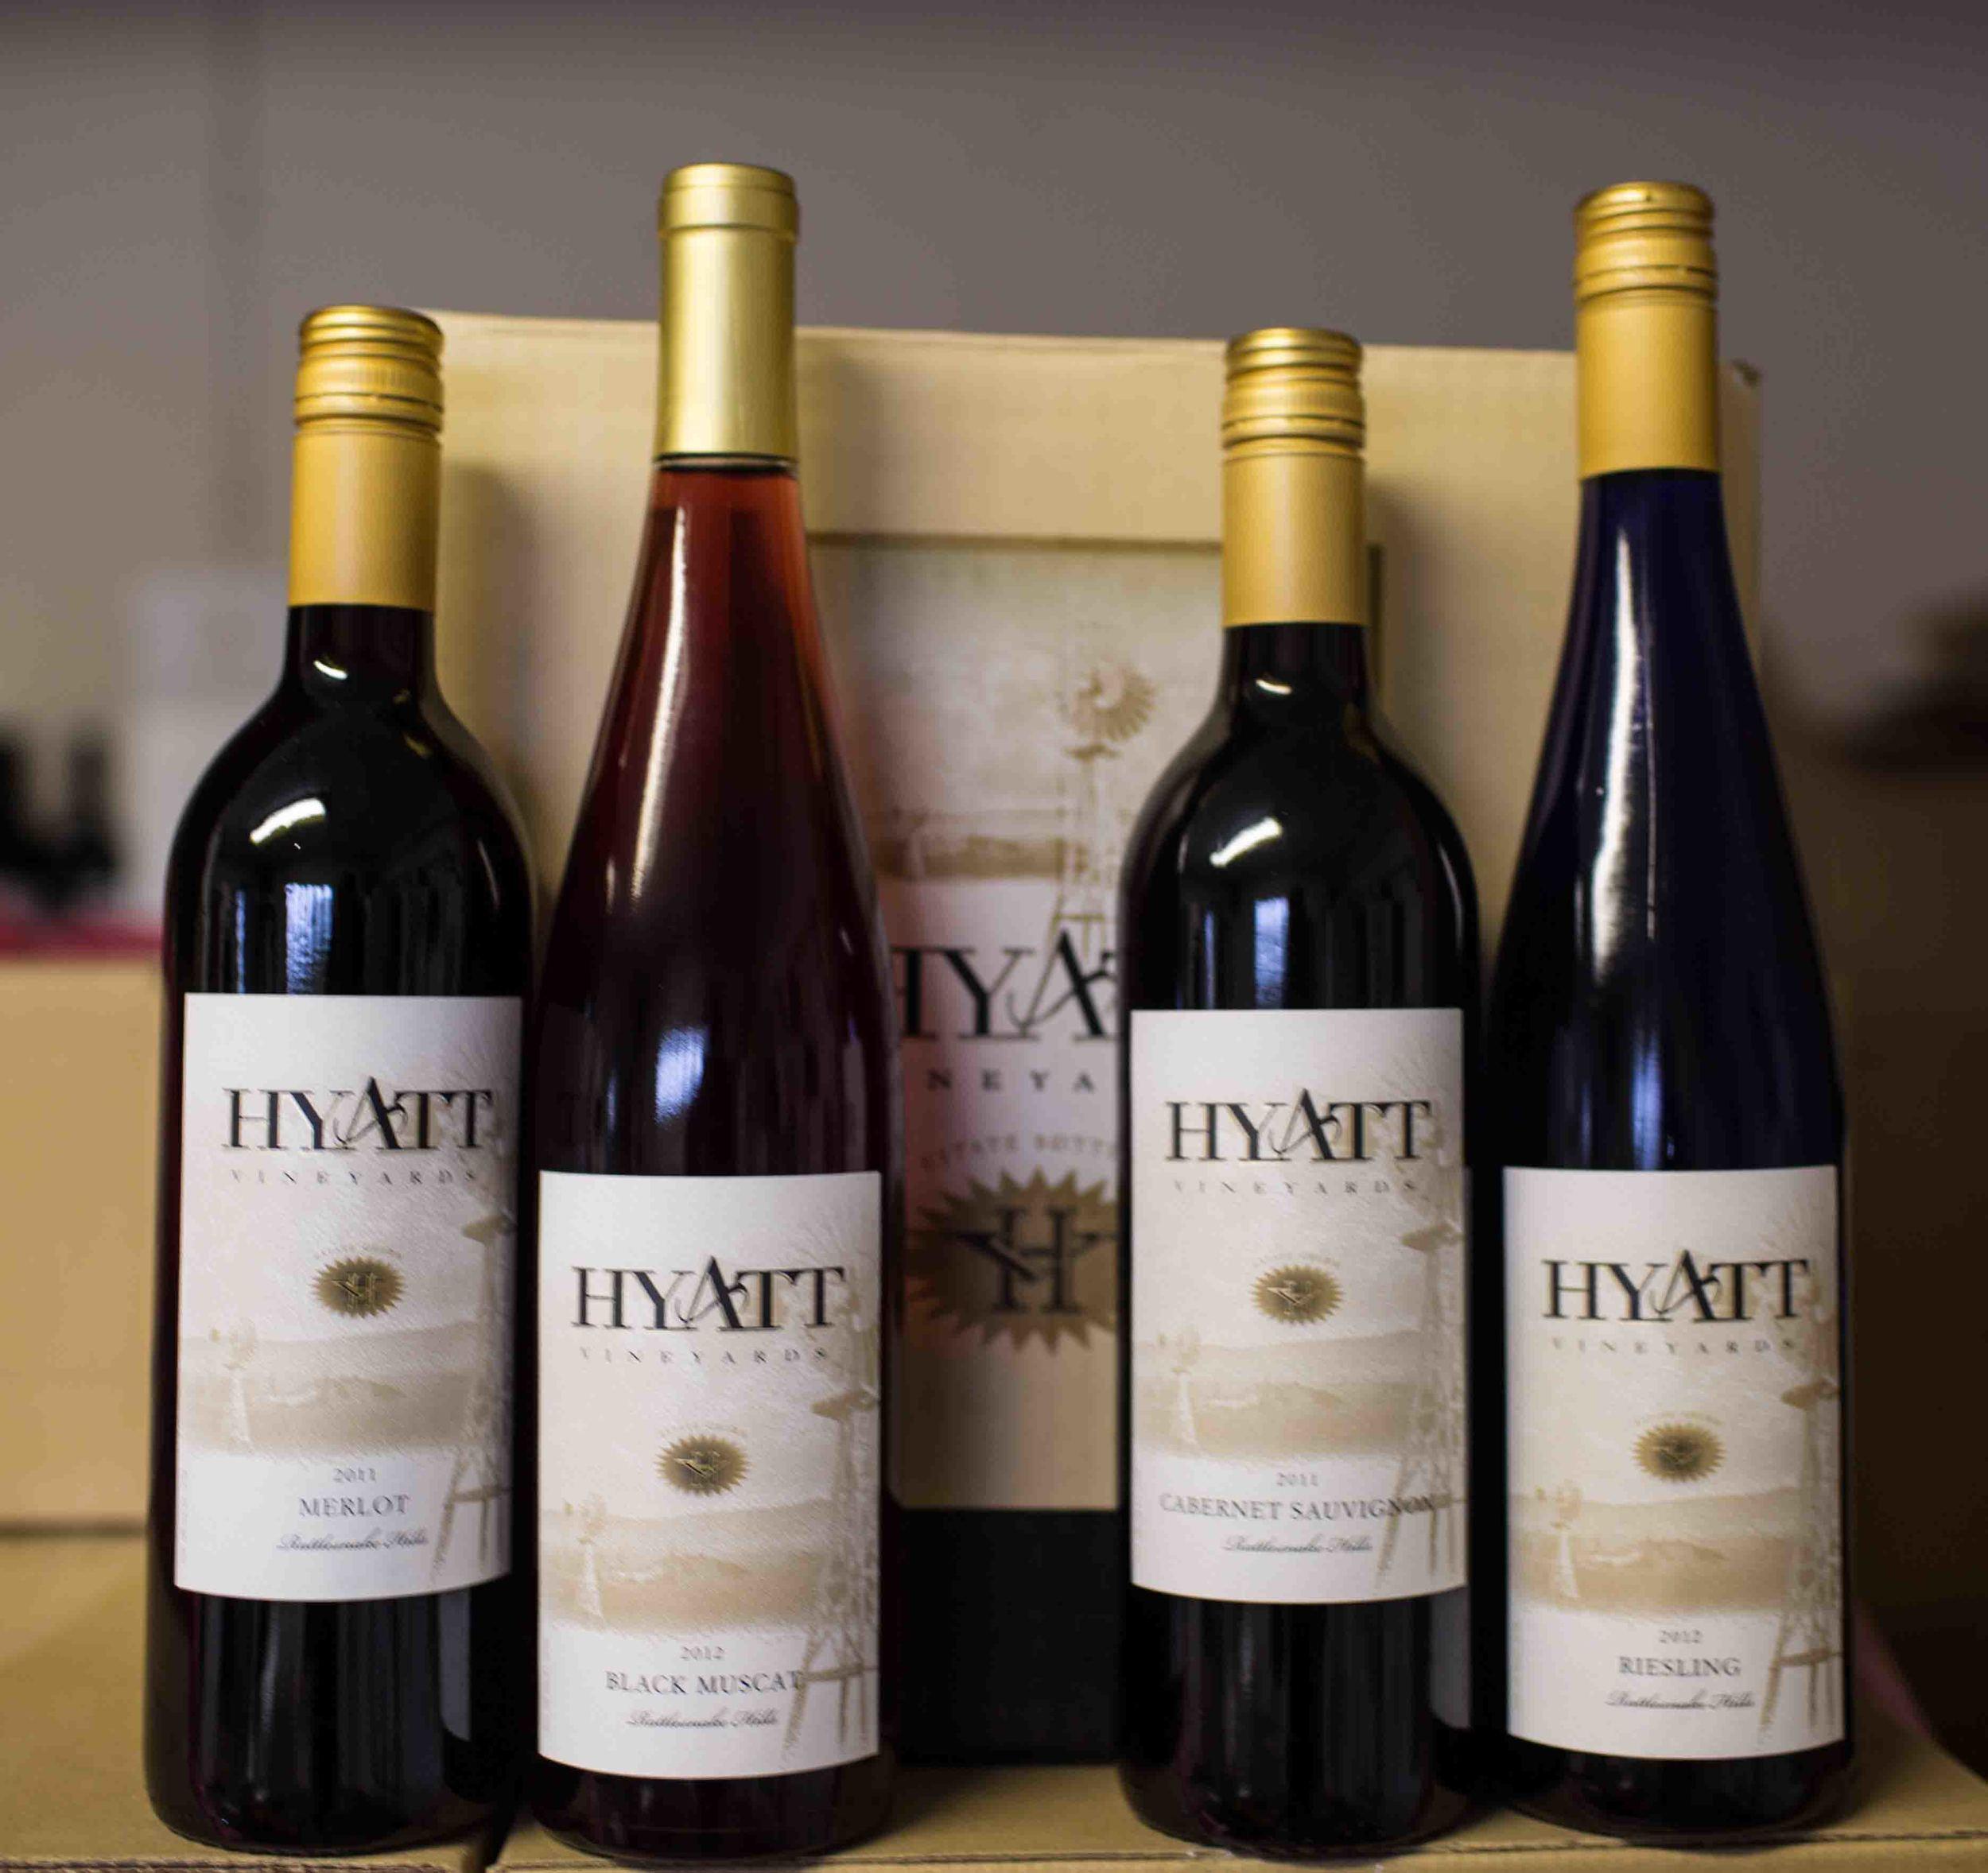 Hyatt Vineyards